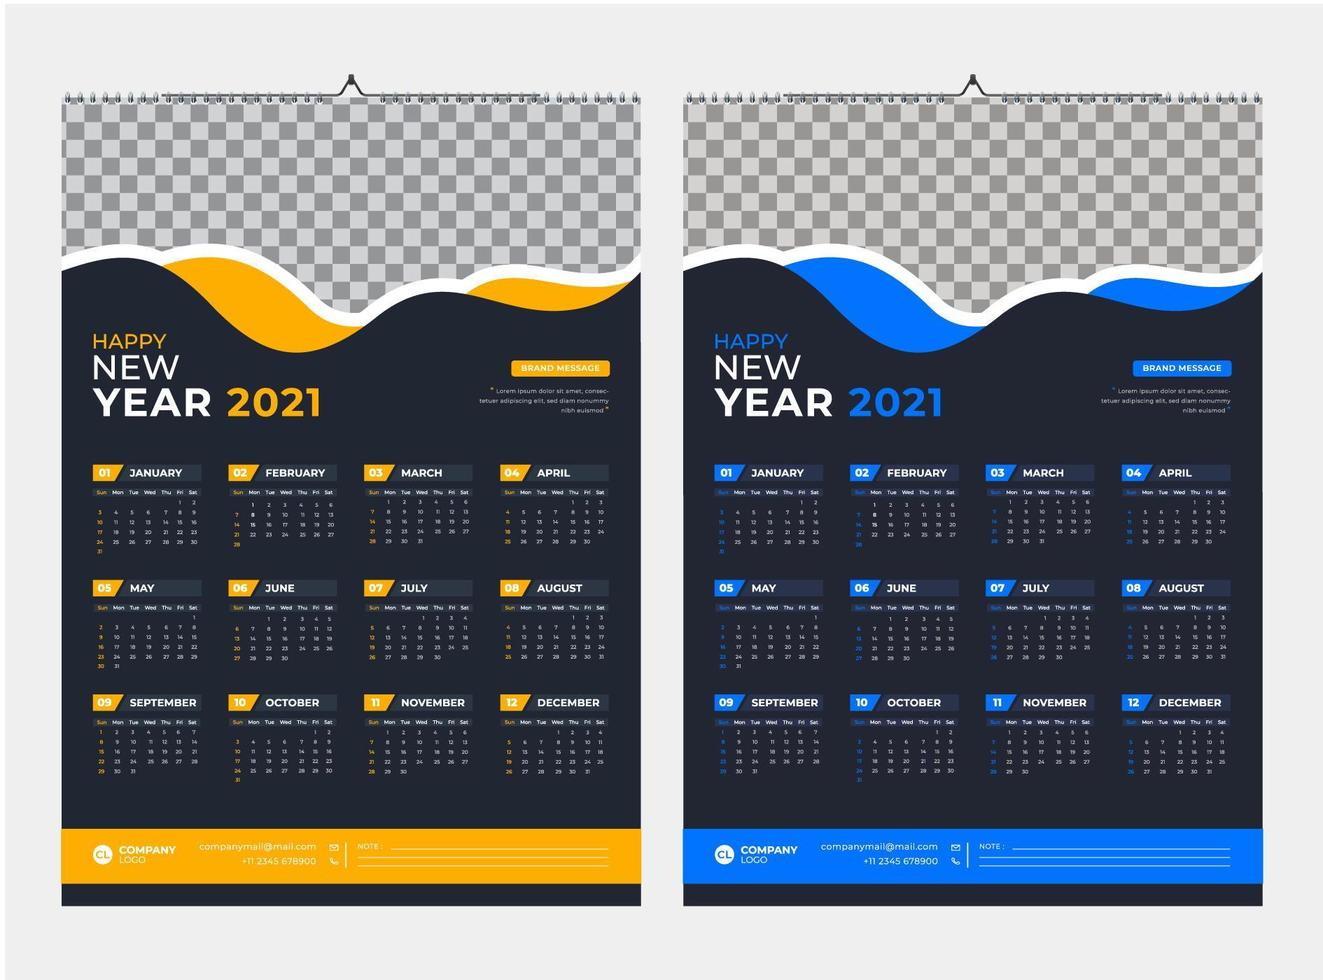 modèle de calendrier mural d'une page jaune et bleu 2021 vecteur